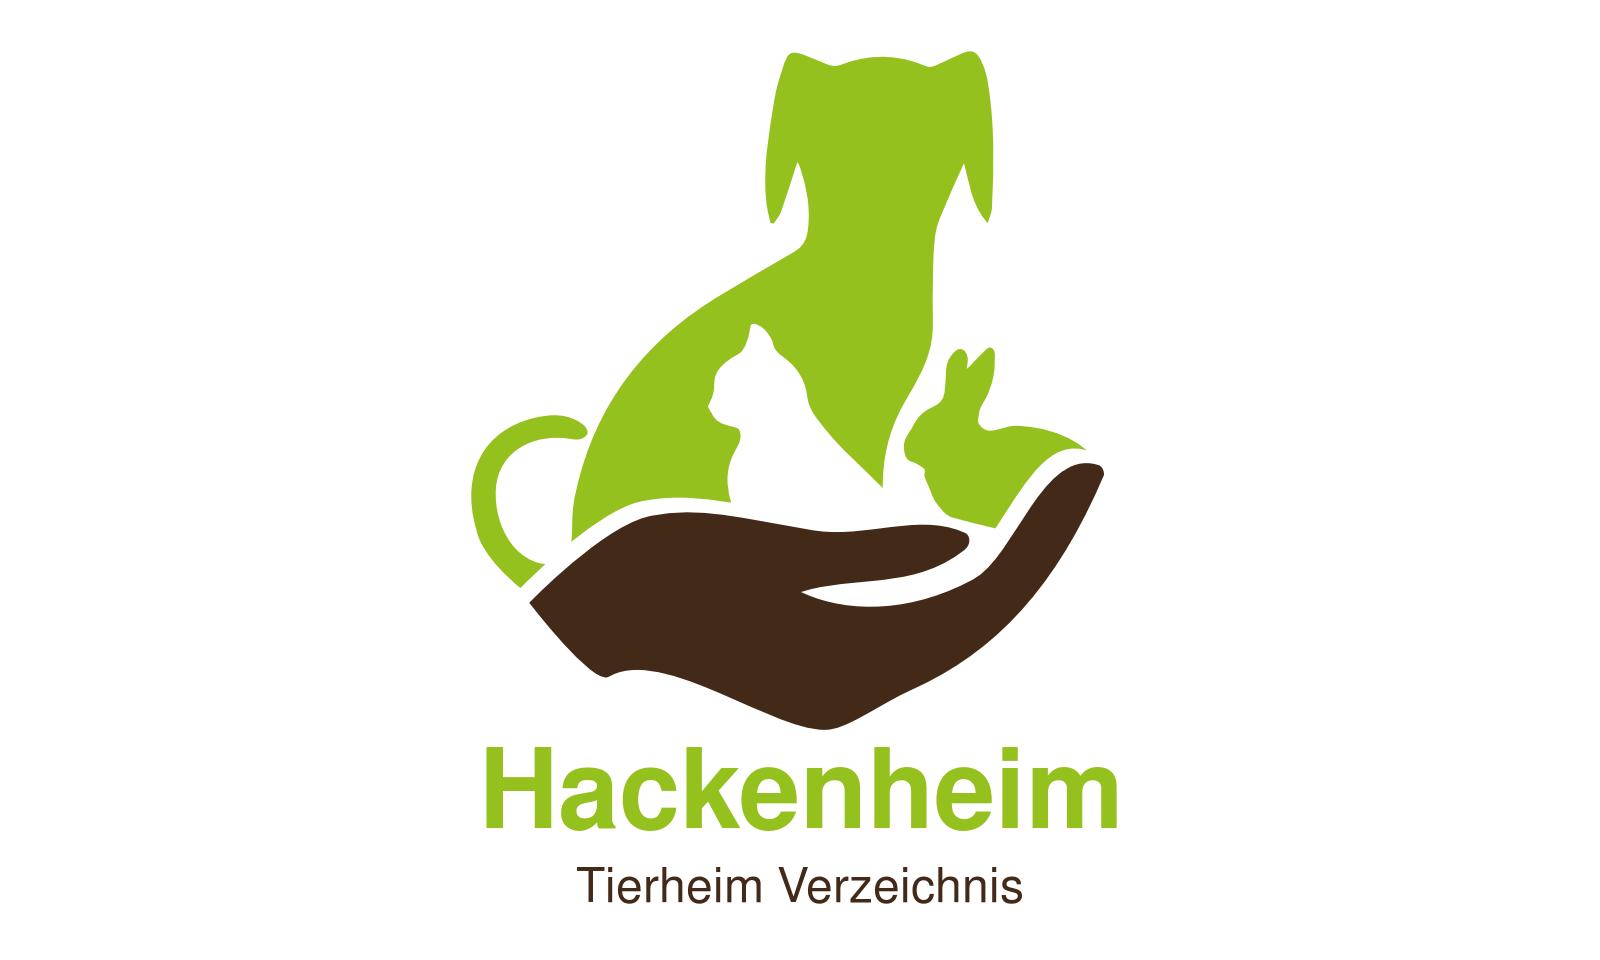 Tierheim Hackenheim